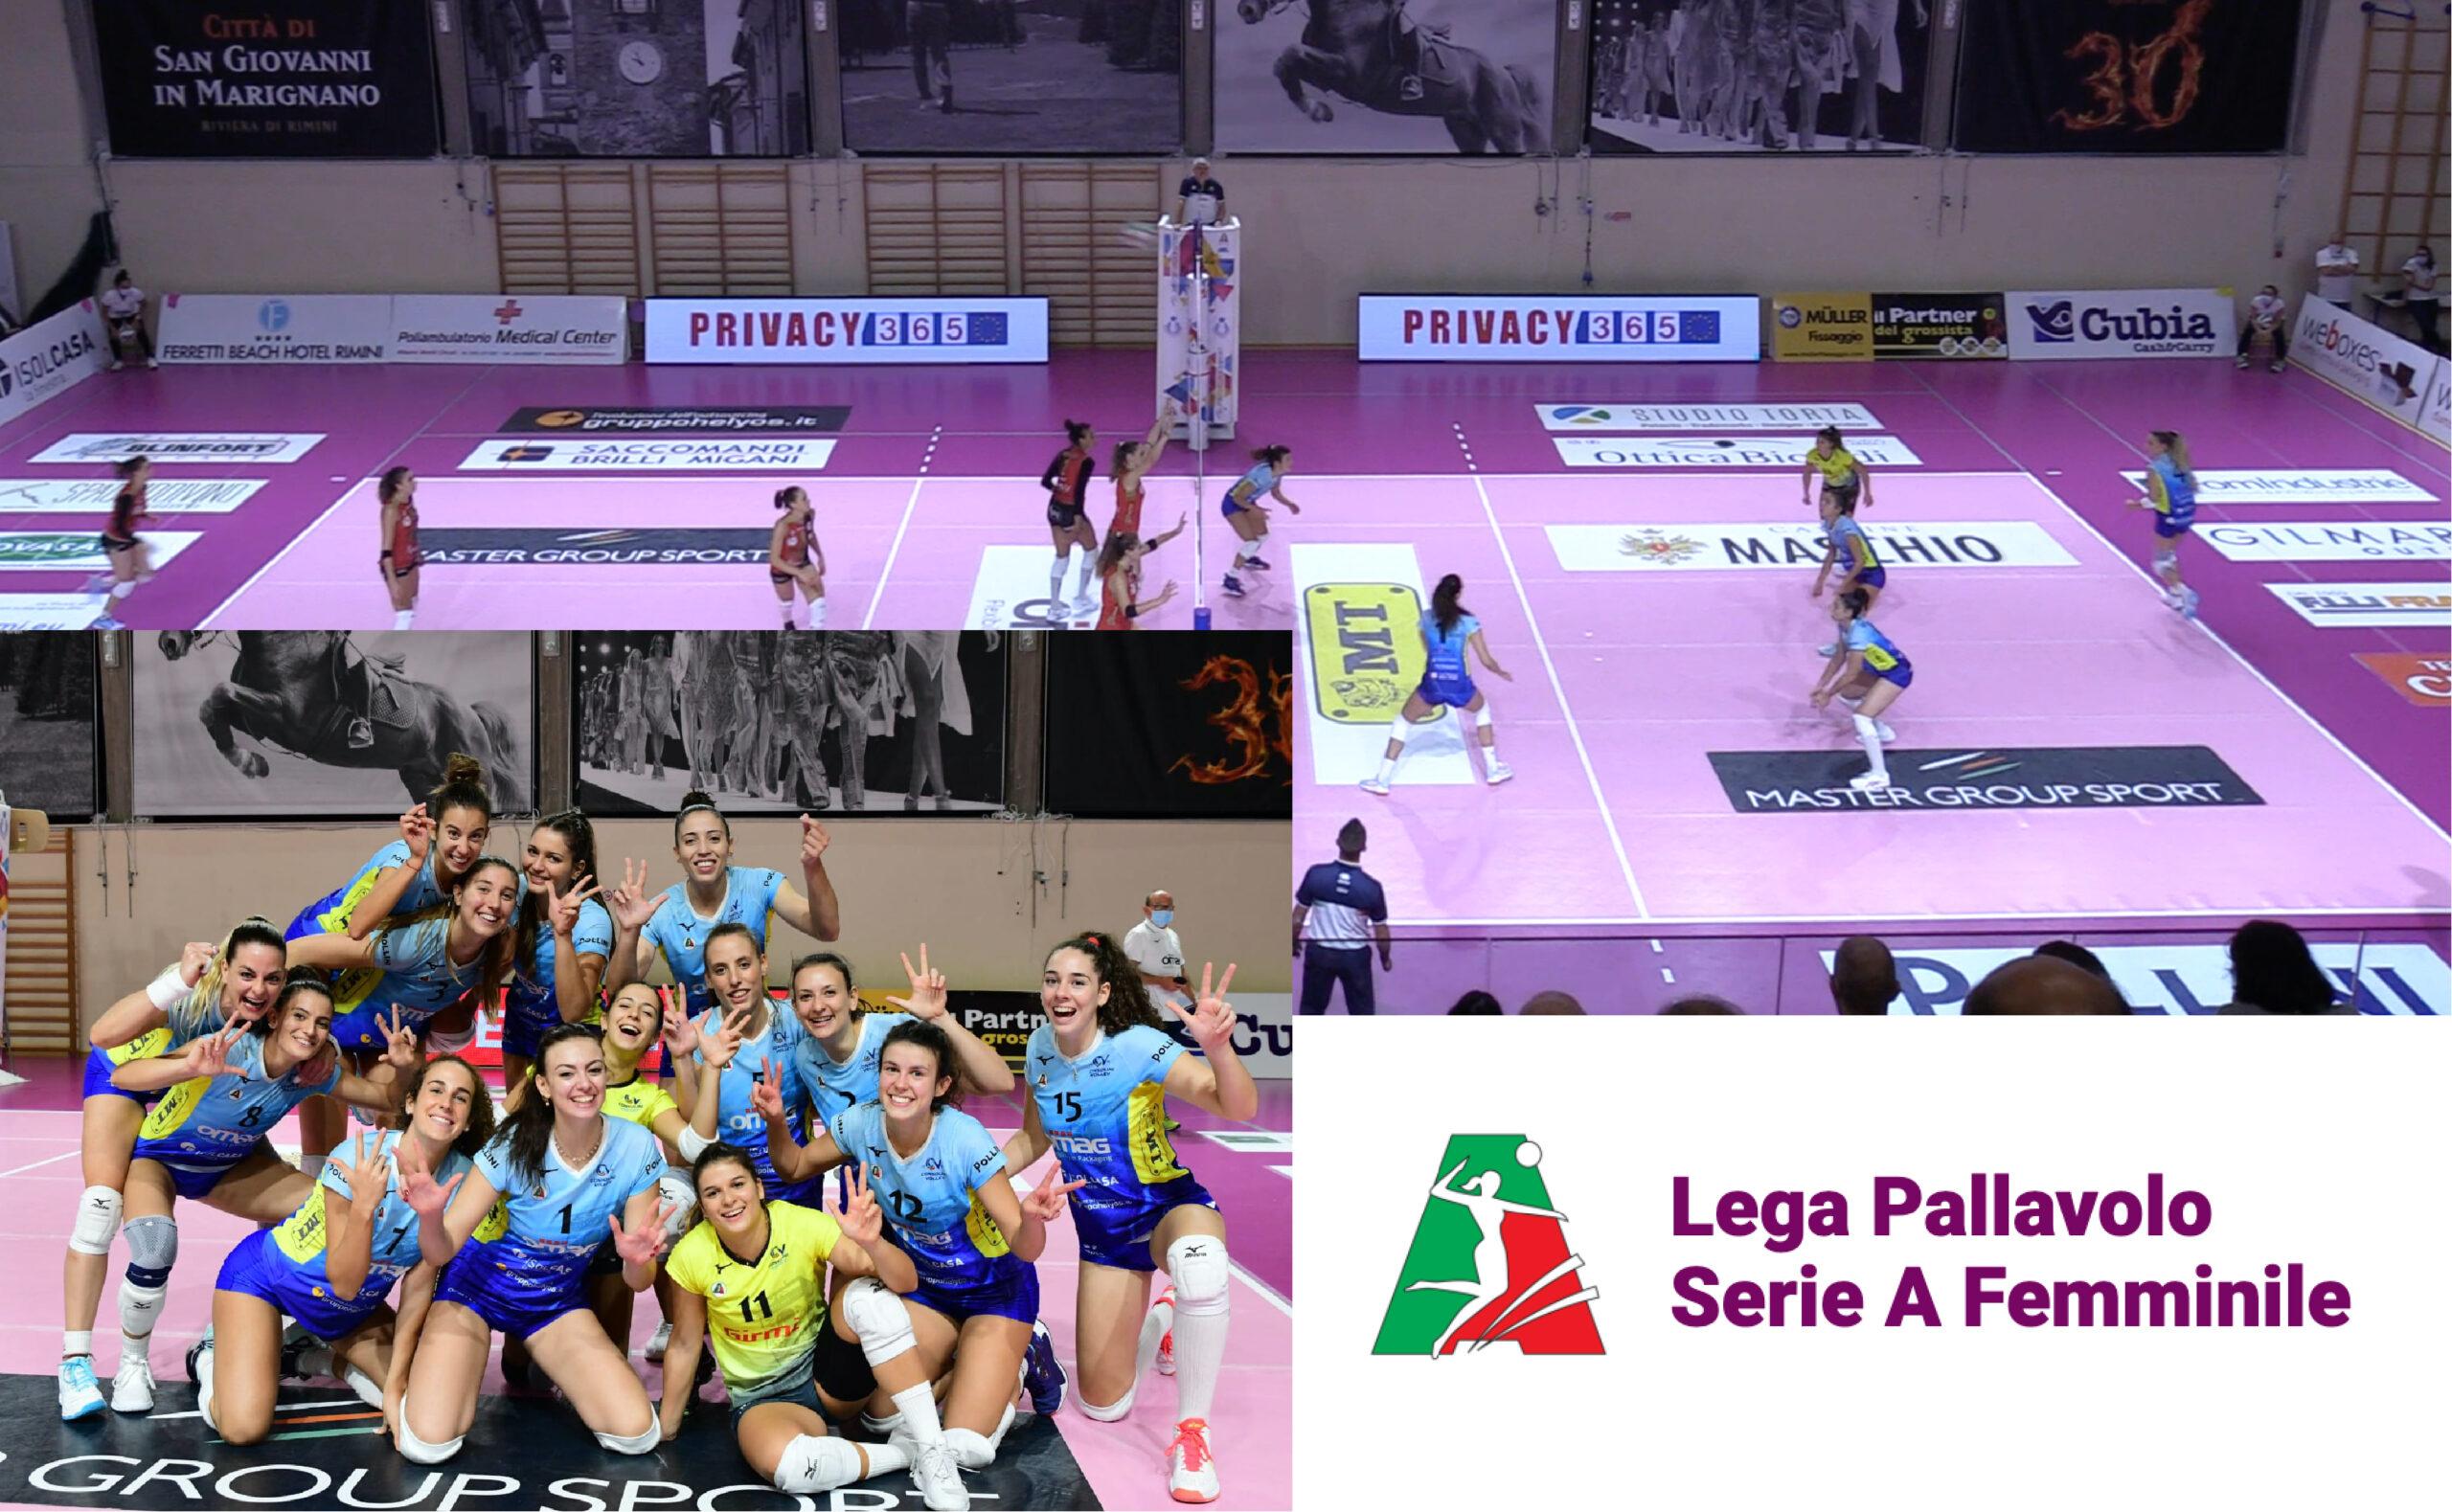 PRIVACY365 Sponsor Campionato Pallavolo Serie A Femminile